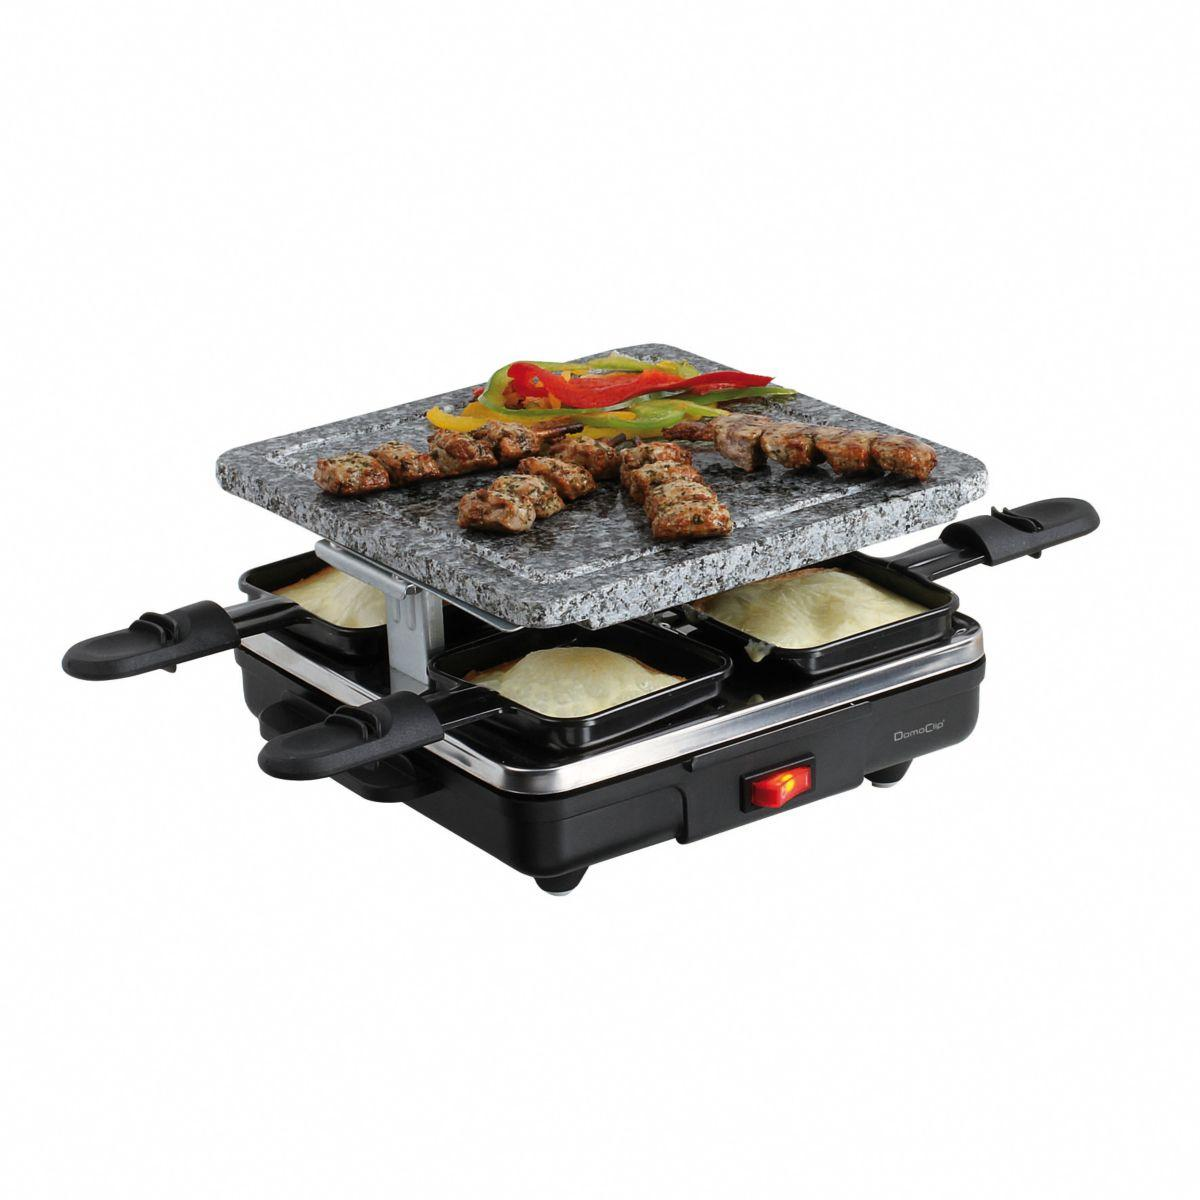 Raclette domoclip doc162